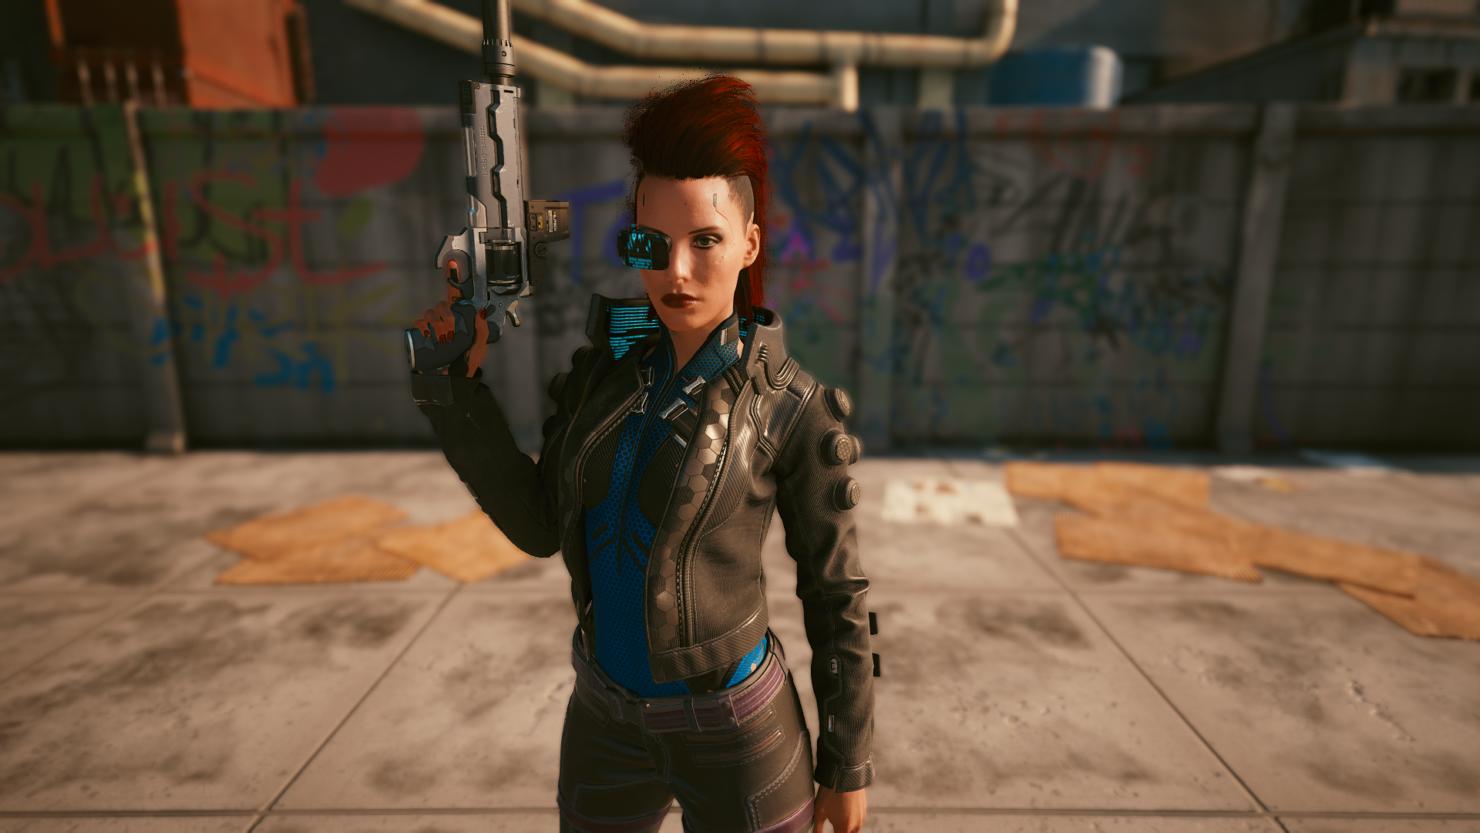 cyberpunk-hair-mods-rogue-2023-4